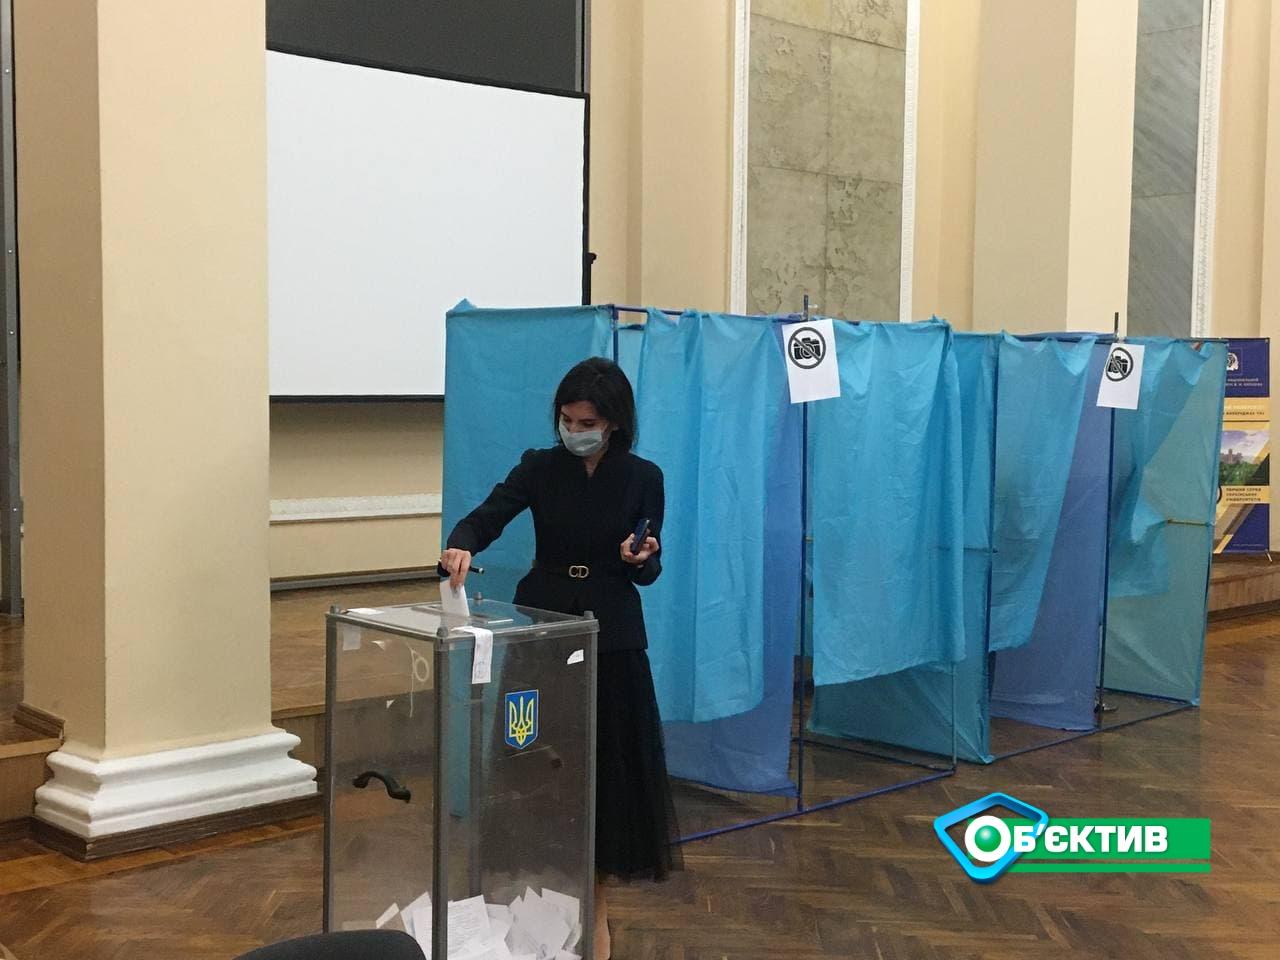 Я рассчитываю на победу университета – кандидат в ректоры ХНУ о результатах выборов